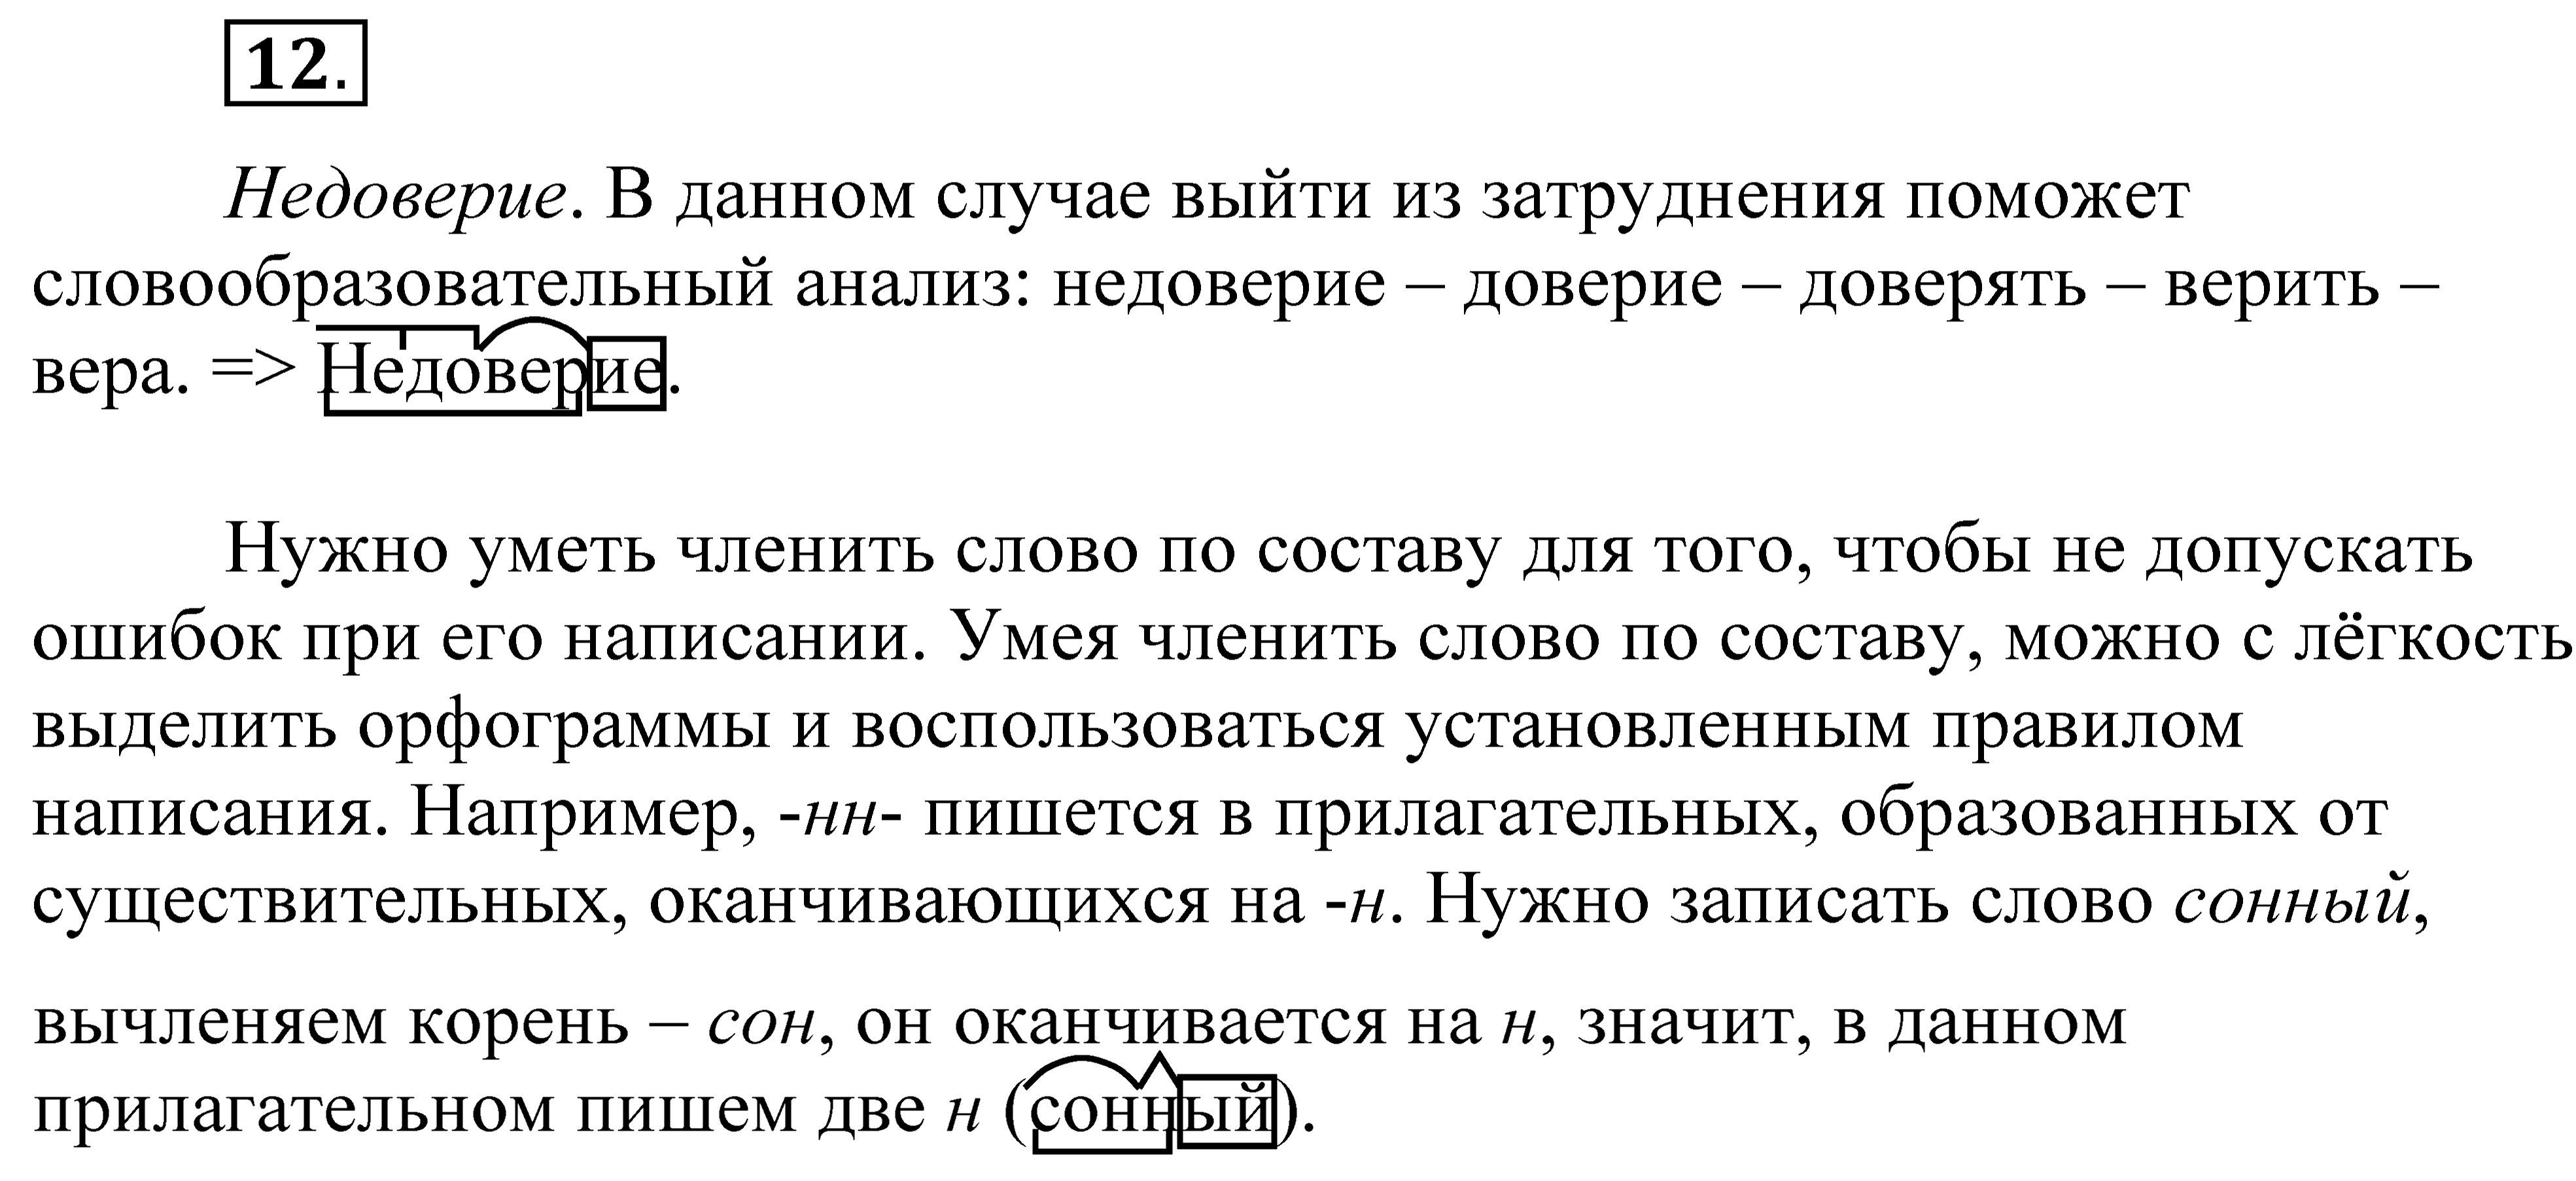 Гдз по русскому языку за 8 класс пичугин онлайн 2018 год